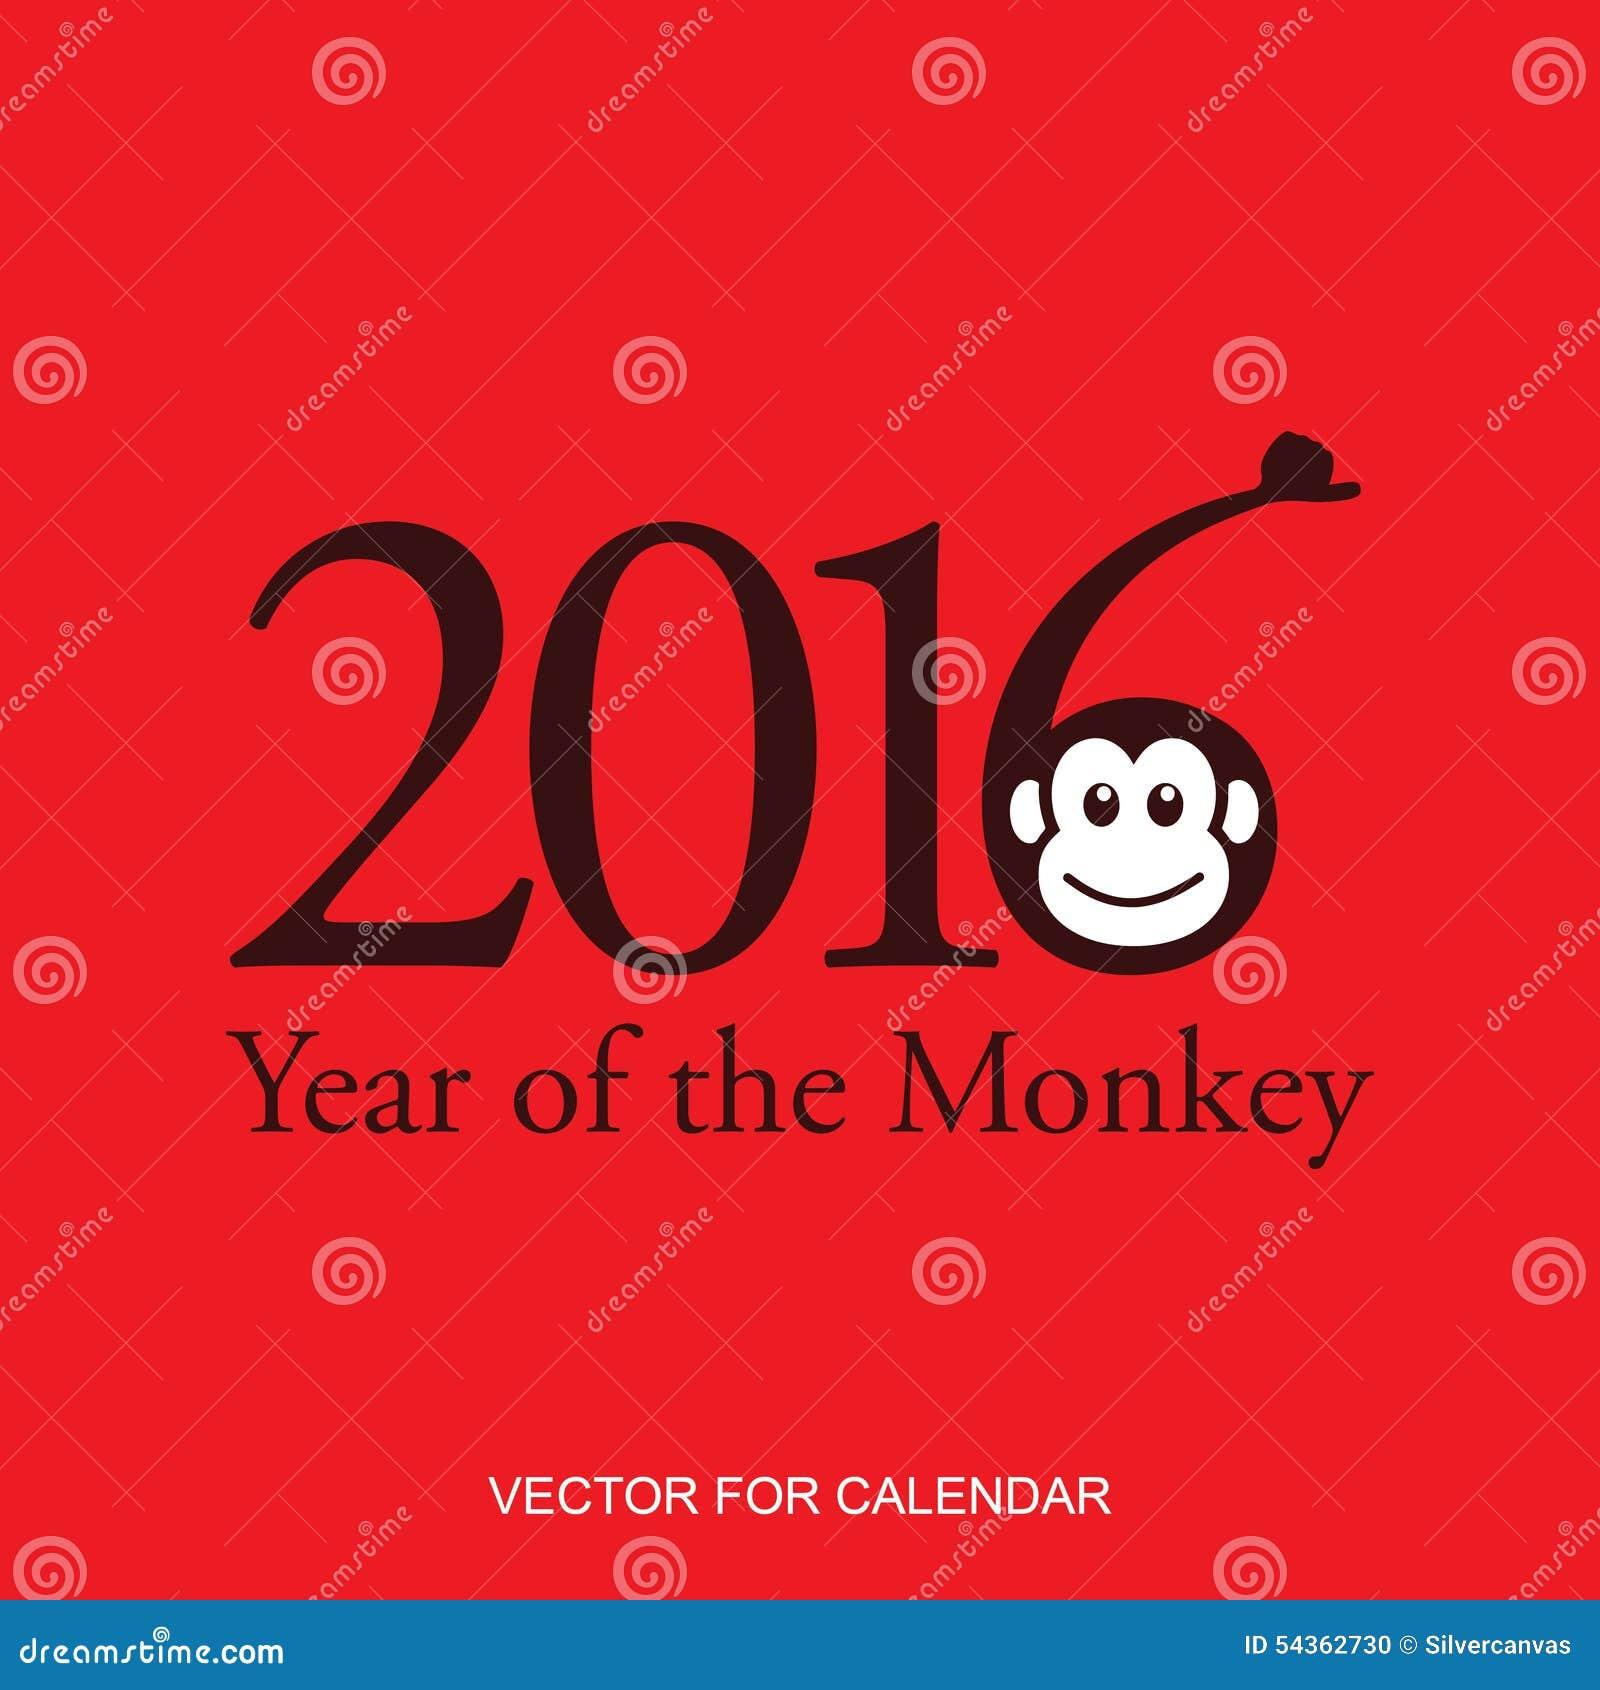 kalender 2016 j hrig vom affen chinesisches sternzeichen. Black Bedroom Furniture Sets. Home Design Ideas